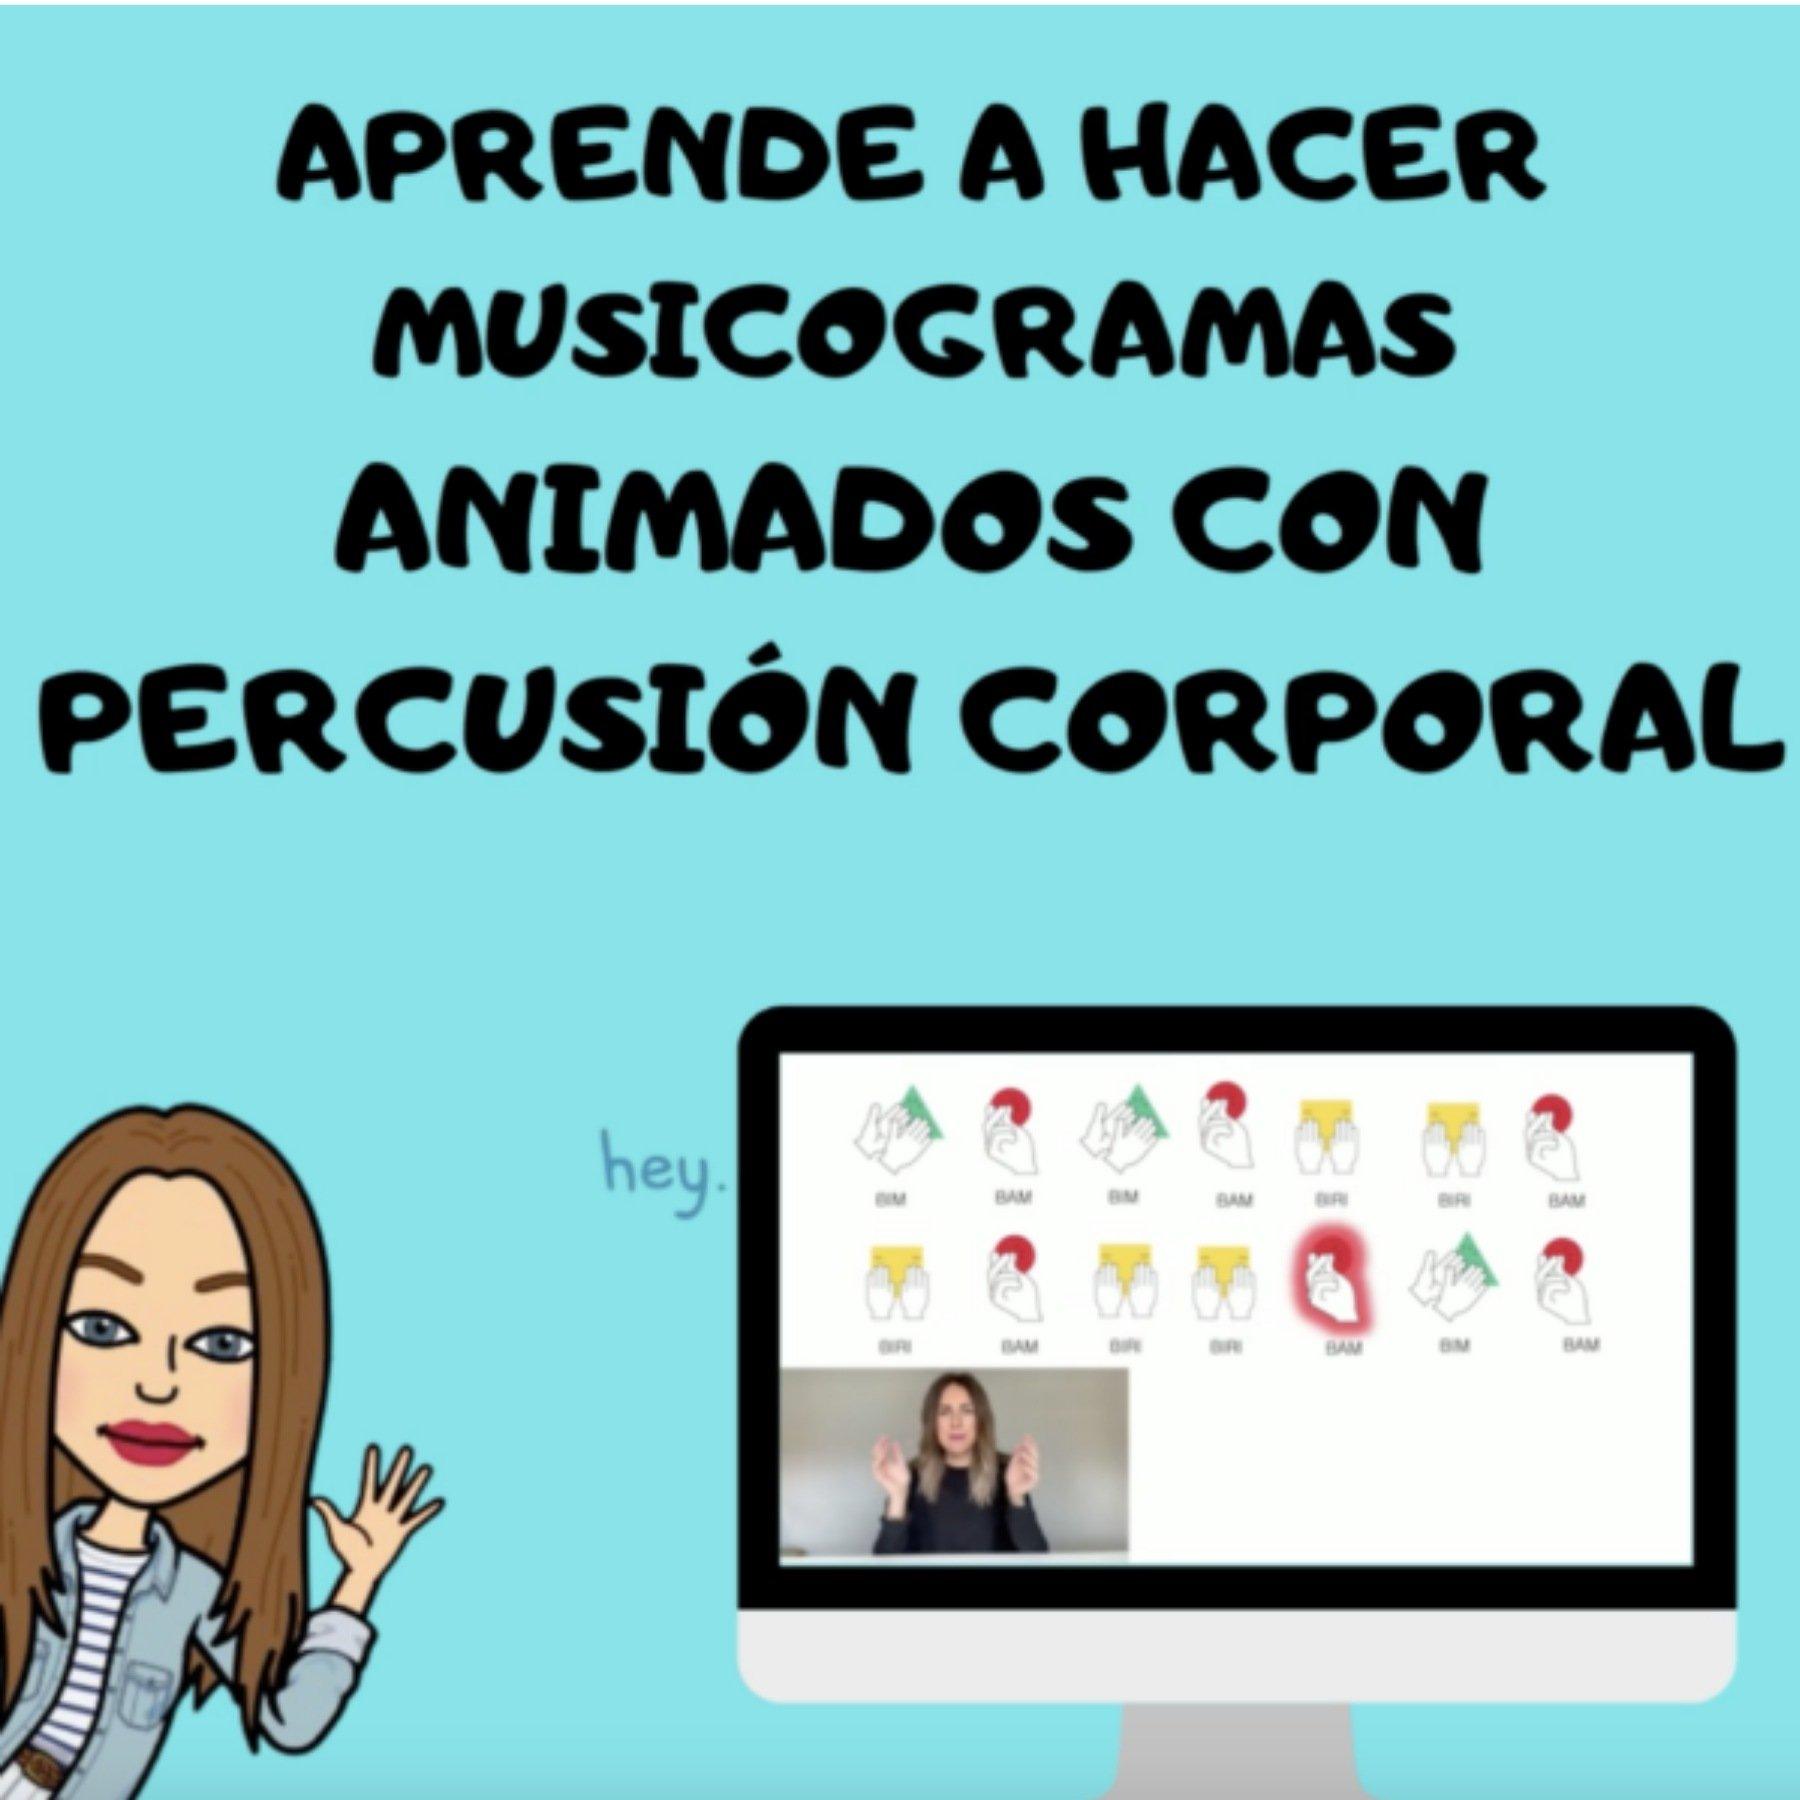 Cómo crear Musicogramas animados